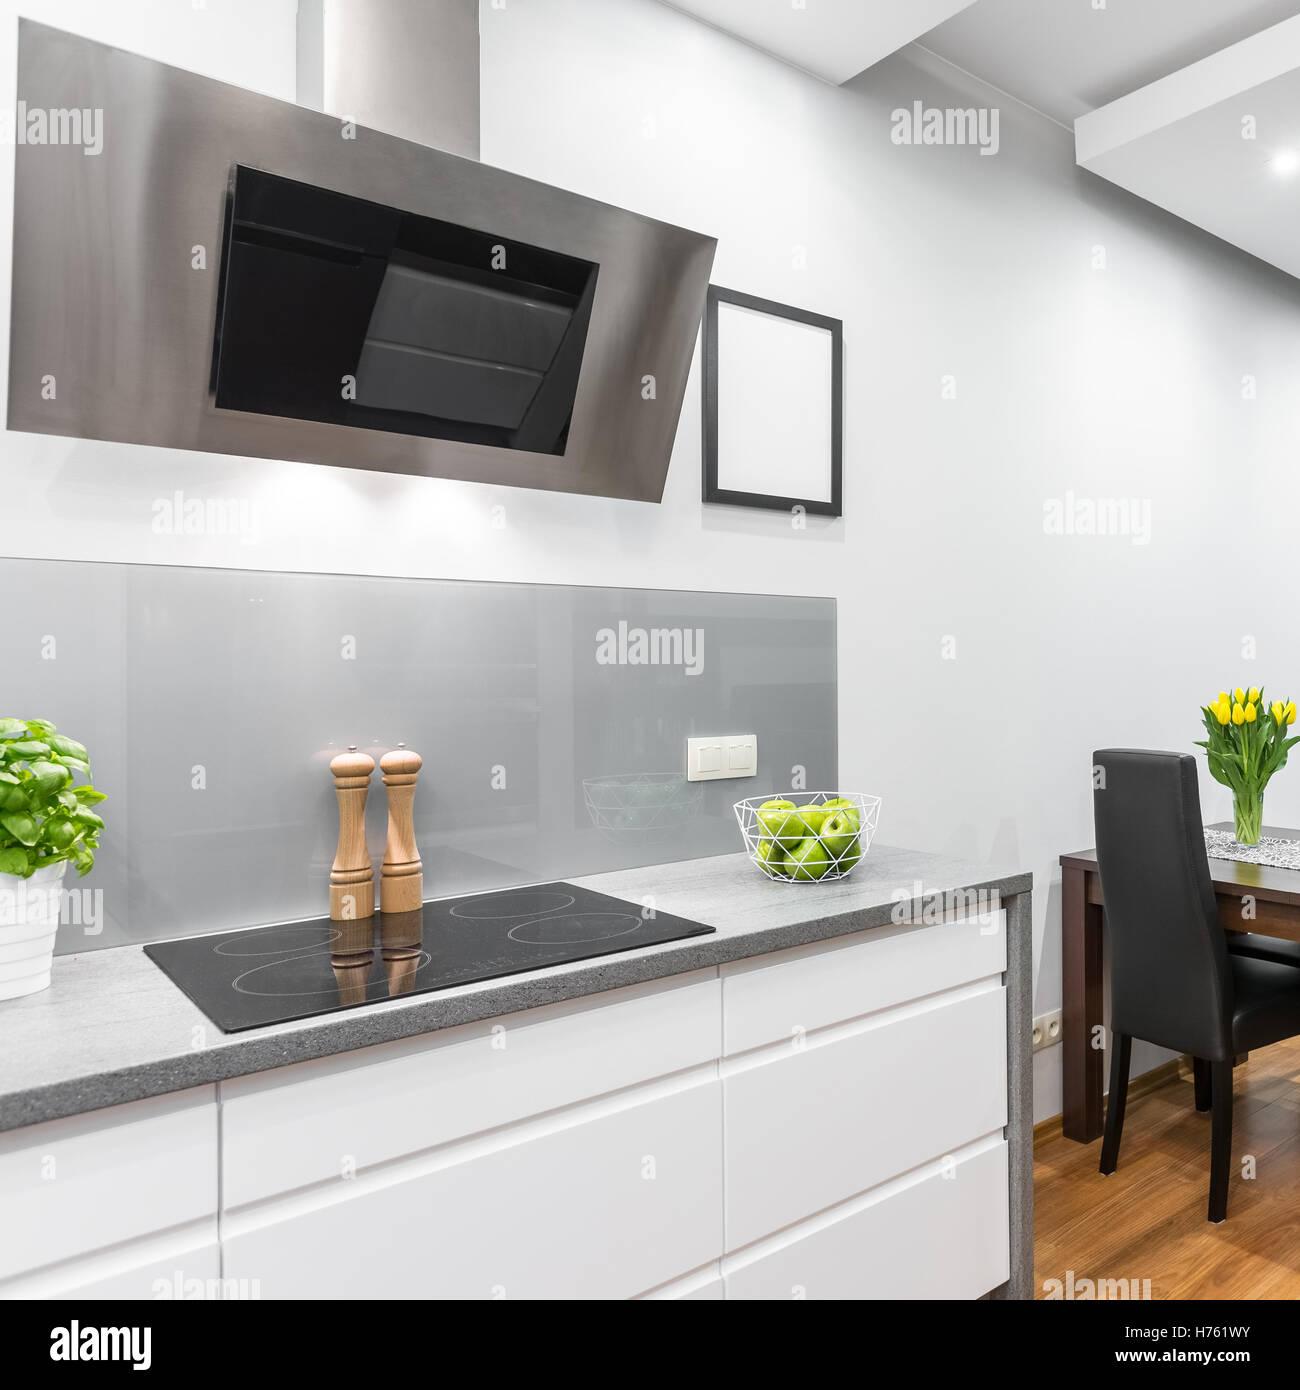 Cocina blanca con inducci n vitrocer mica y campana extractora abierta al comedor foto imagen - Campana extractora blanca ...